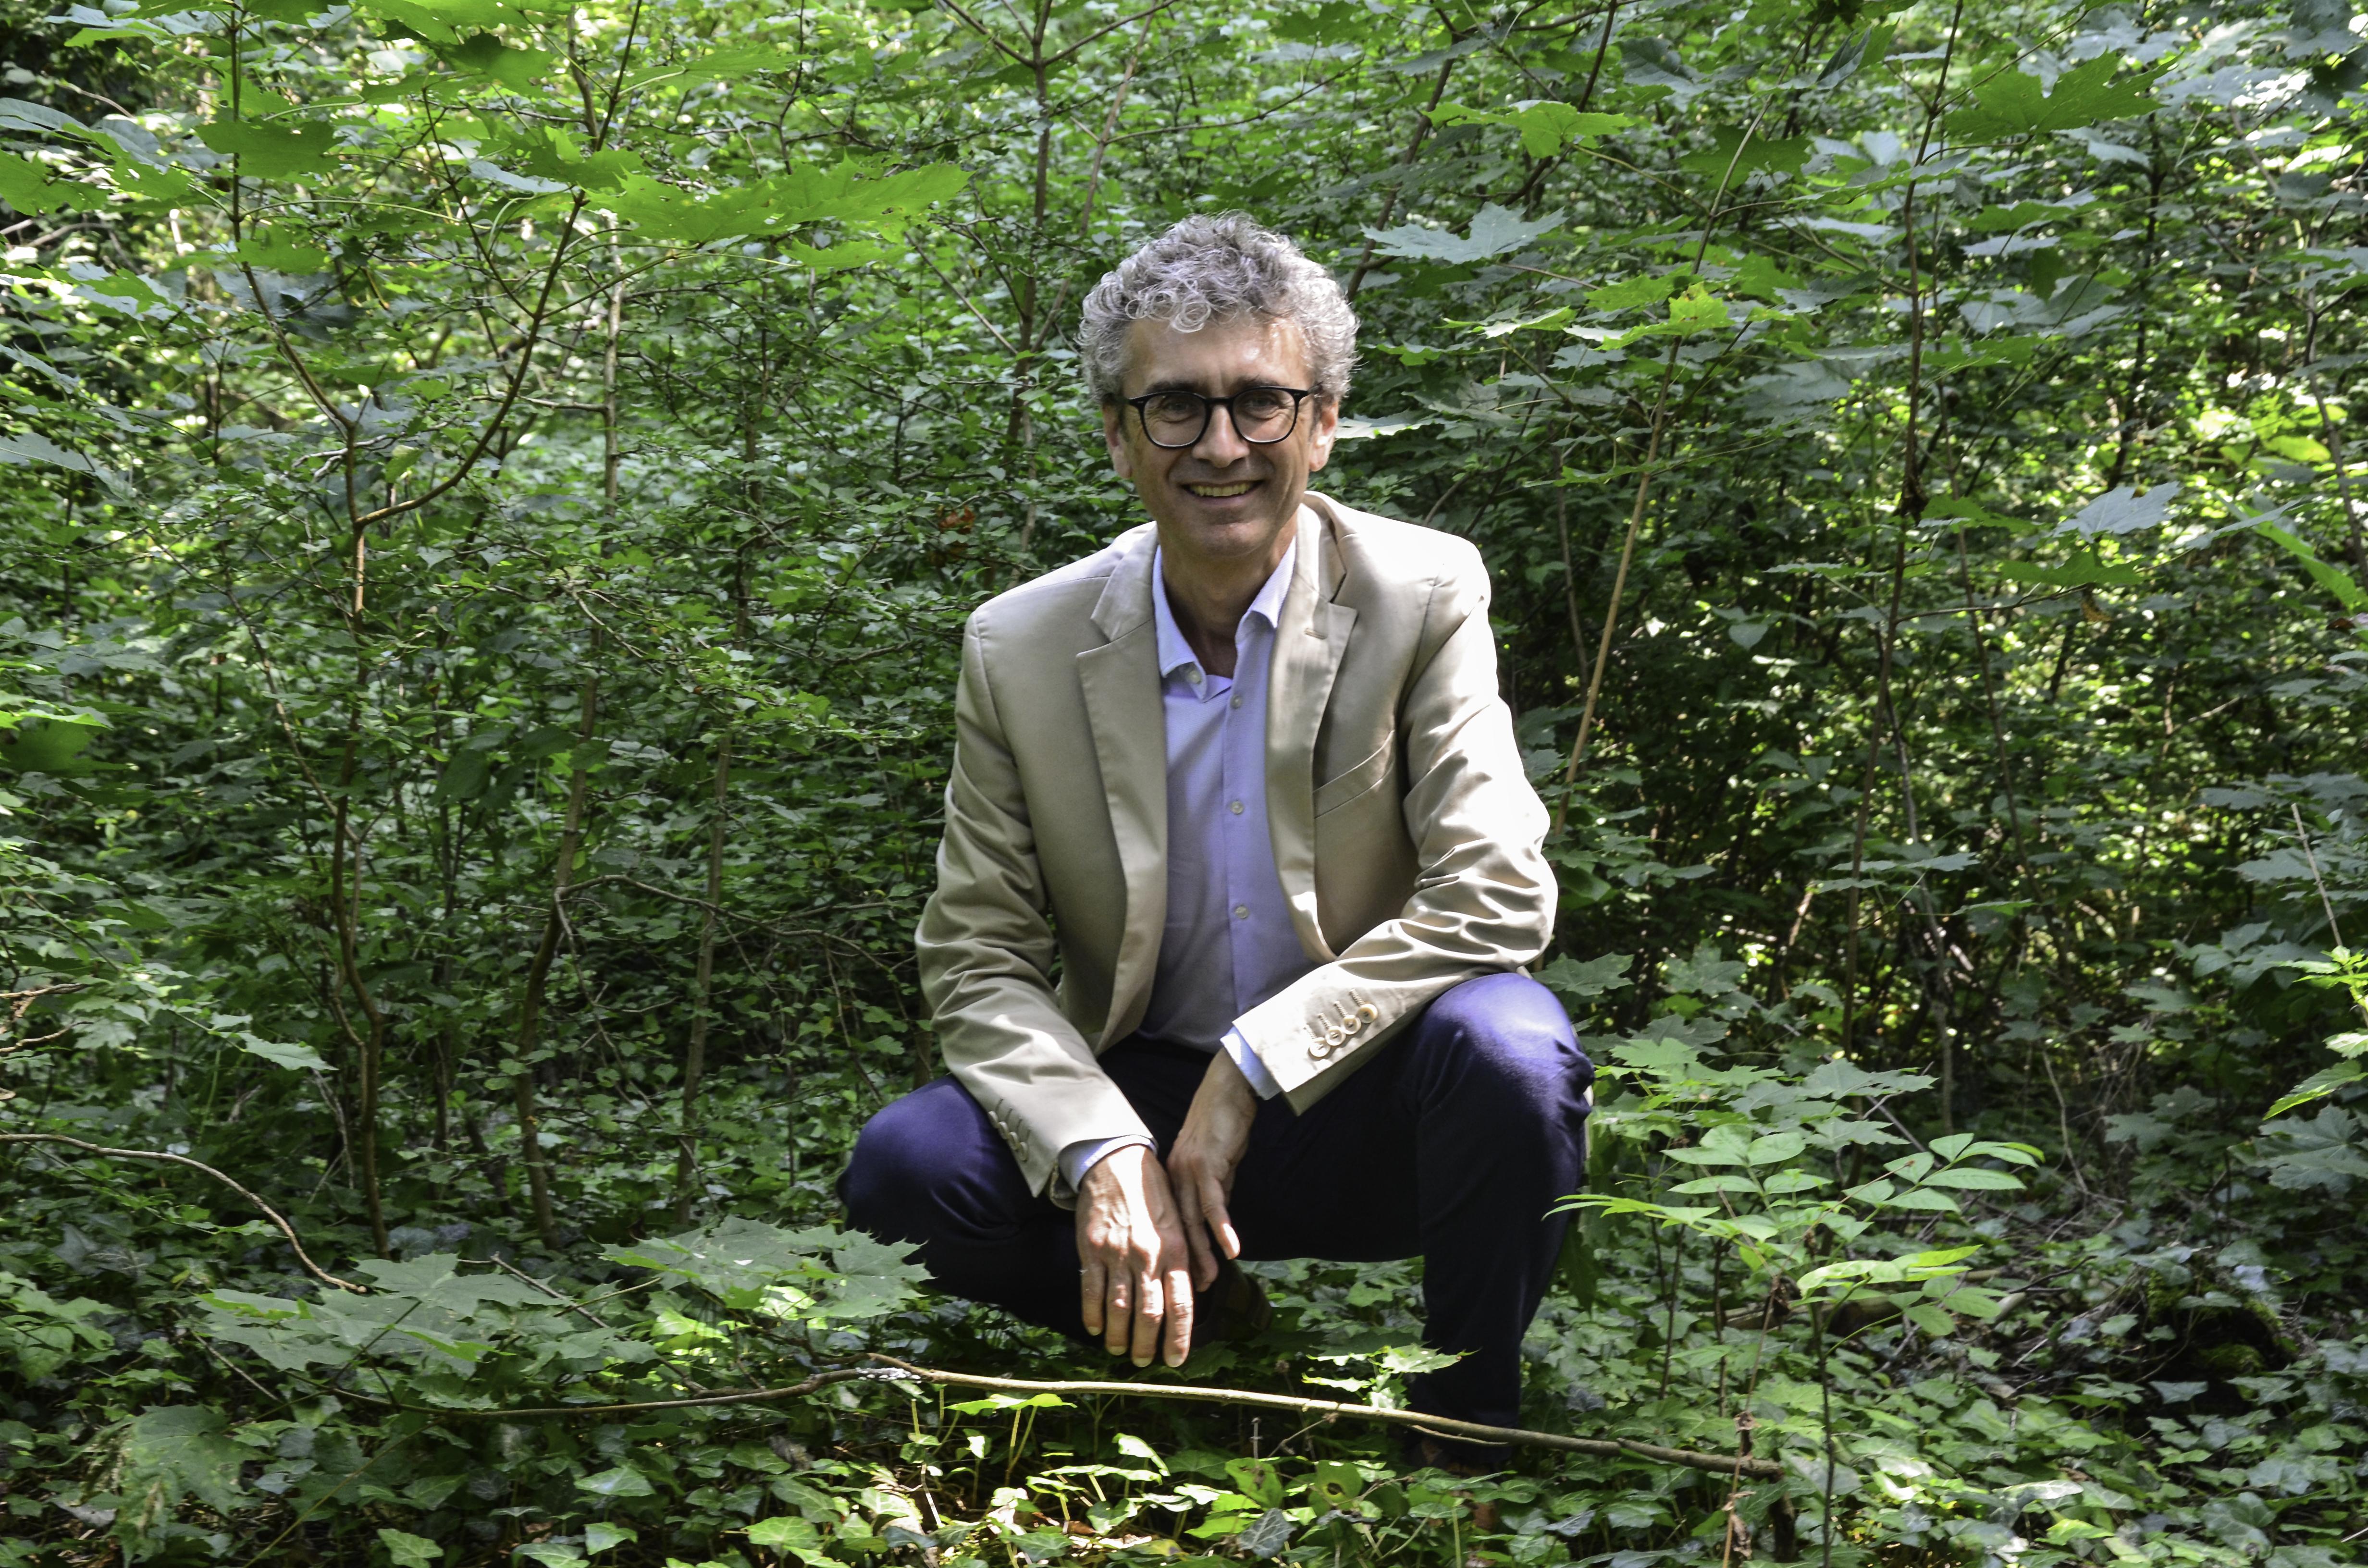 Dr. Peter Mayer auf dem Gelände des Bundesforschungszentrums für Wald (BFW) in Schönbrunn